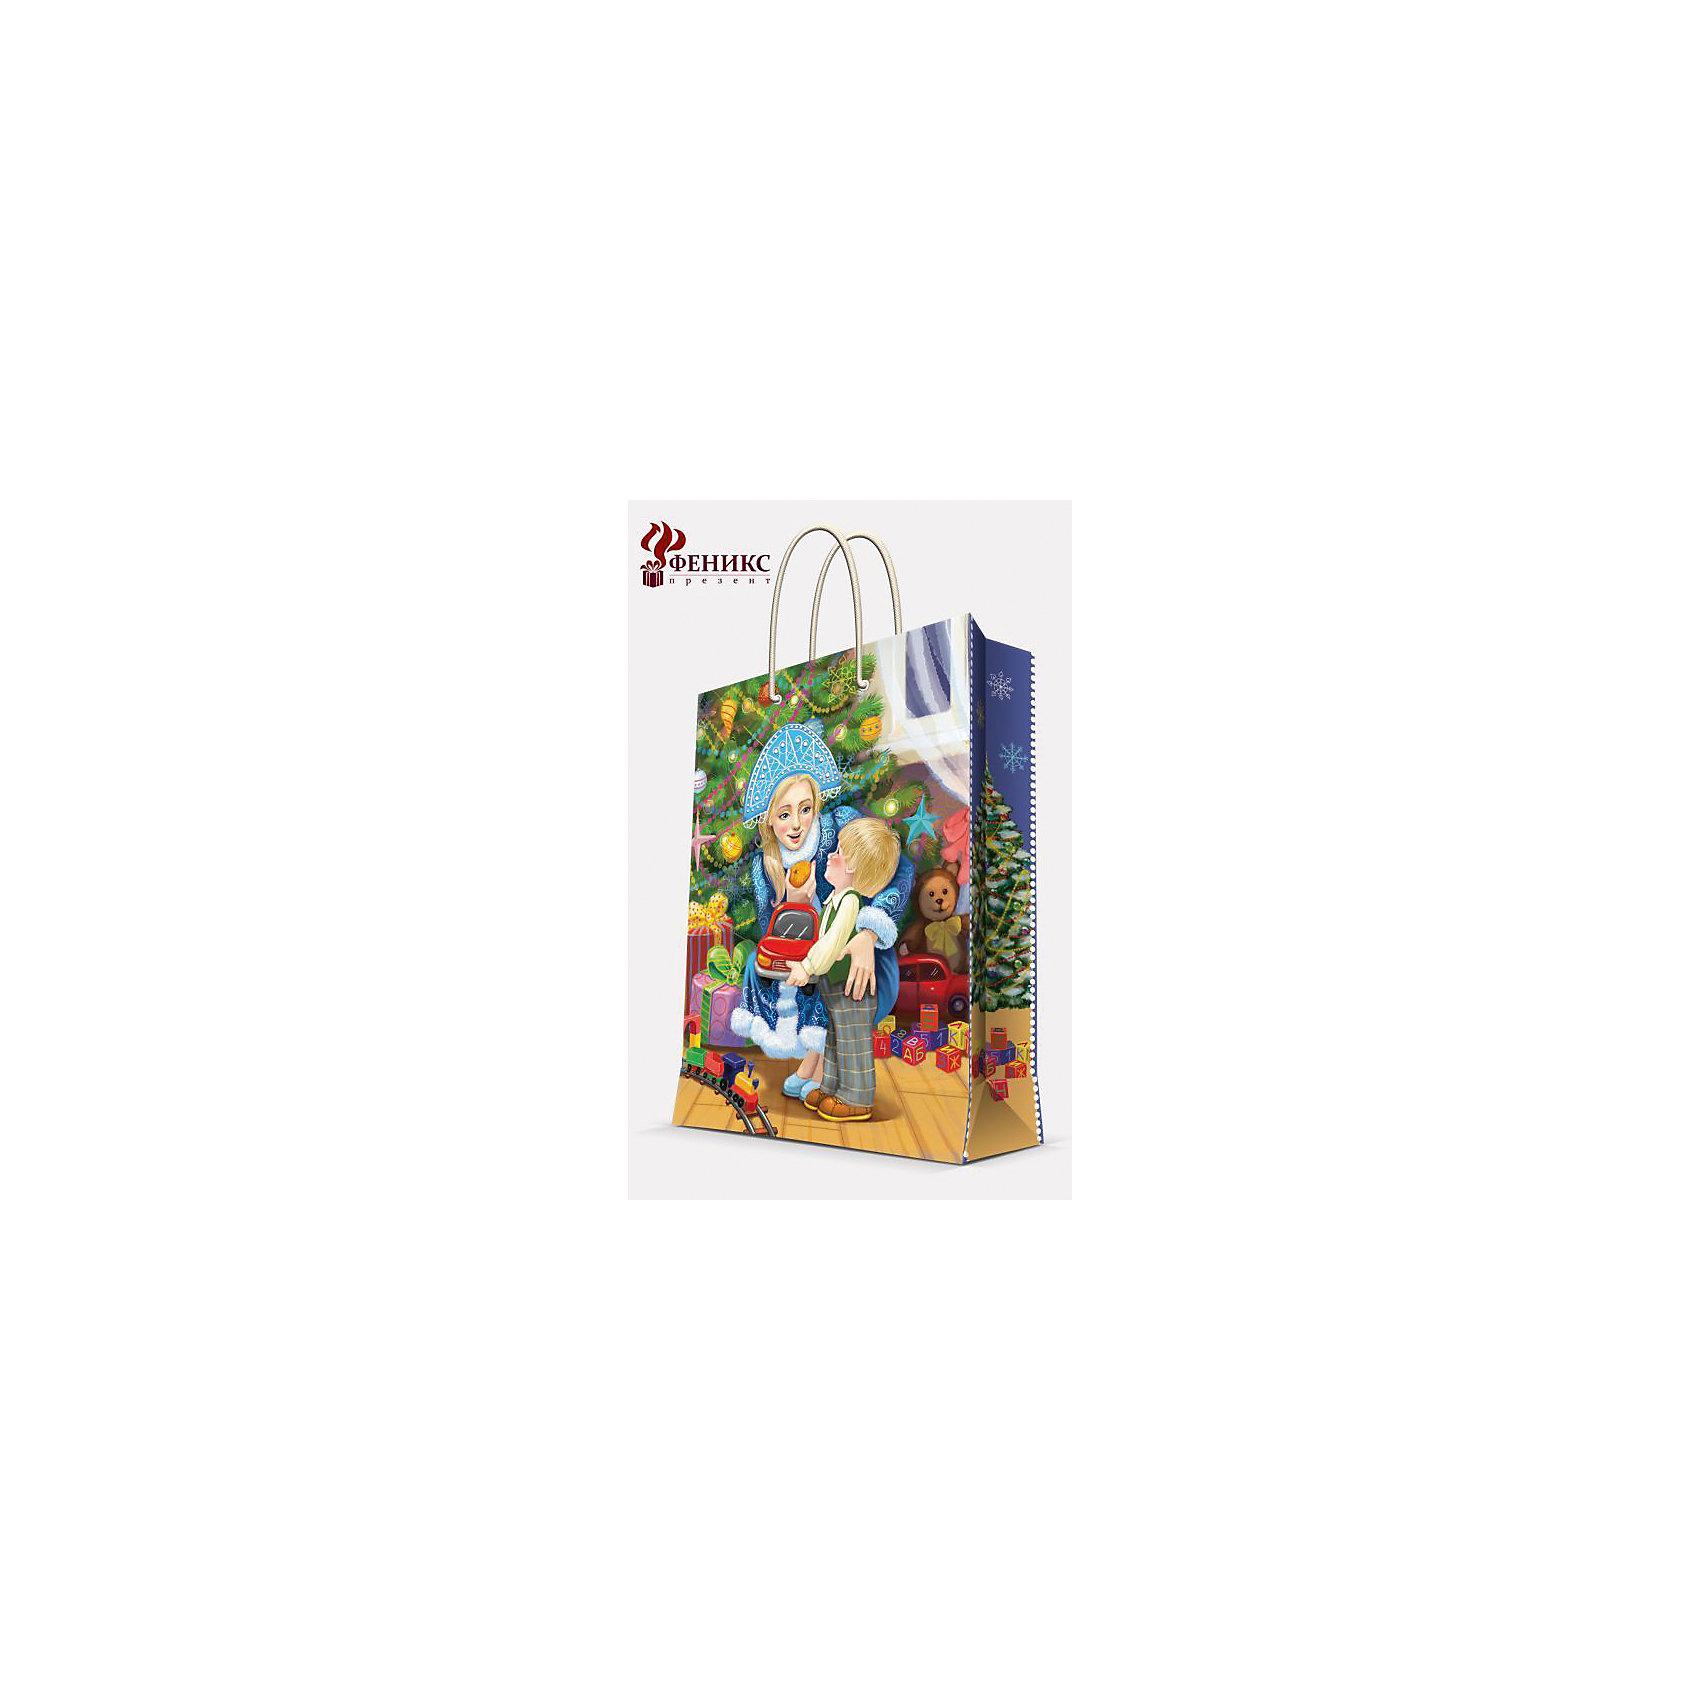 Подарочный пакет Снегурочка 17,8*22,9*9,8 смНовинки Новый Год<br>Подарочный пакет Снегурочка 17,8*22,9*9,8 см - этот яркий аксессуар станет достойным украшением новогоднего подарка.<br>Подарочный пакет Снегурочка XS поможет красиво оформить новогодний подарок для родных и друзей. Яркий пакет с изображением милой Снегурочки и очаровательного малыша сделает Ваш подарок эффектным и запоминающимся. Пакет с ламинацией выполнен из плотной бумаги, имеет широкое основание. Для удобной переноски предусмотрены две ручки из шнурков.<br><br>Дополнительная информация:<br><br>- Размер: 17,8 х 22,9 х 9,8 см.<br>- Шириной основания: 17,8 см.<br>- Ламинированный<br>- Ручки: шнурки<br>- Материал: бумага<br>- Плотность: 140 г/м2<br><br>Подарочный пакет Снегурочка 17,8*22,9*9,8 см можно купить в нашем интернет-магазине.<br><br>Ширина мм: 1<br>Глубина мм: 180<br>Высота мм: 230<br>Вес г: 42<br>Возраст от месяцев: 36<br>Возраст до месяцев: 2147483647<br>Пол: Унисекс<br>Возраст: Детский<br>SKU: 4274756